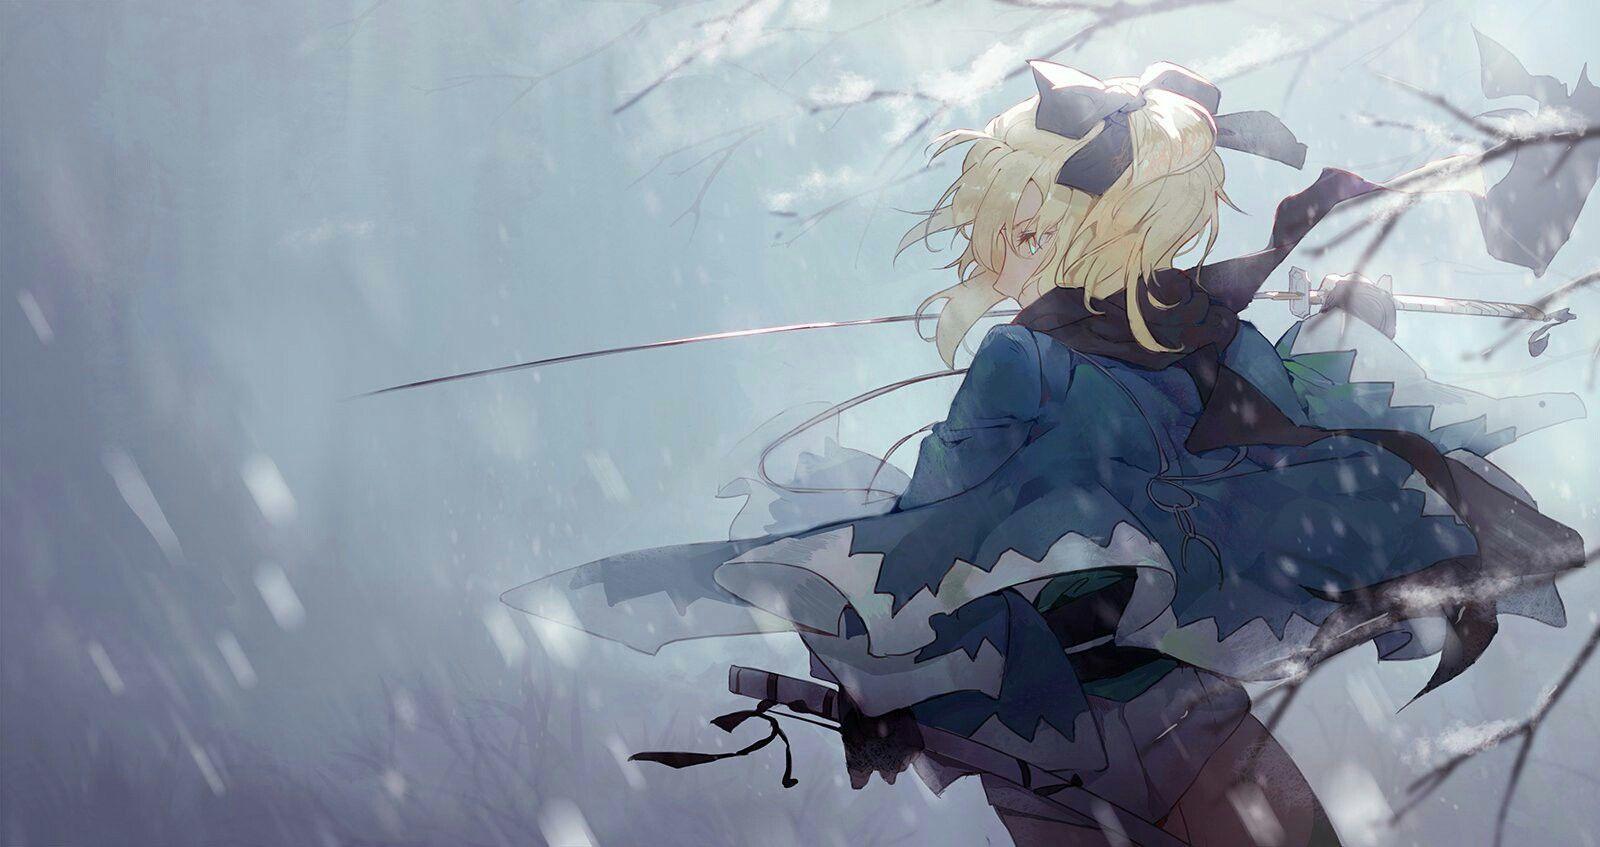 桜セイバー Fate イラスト Fgo イラスト アニメ戦士